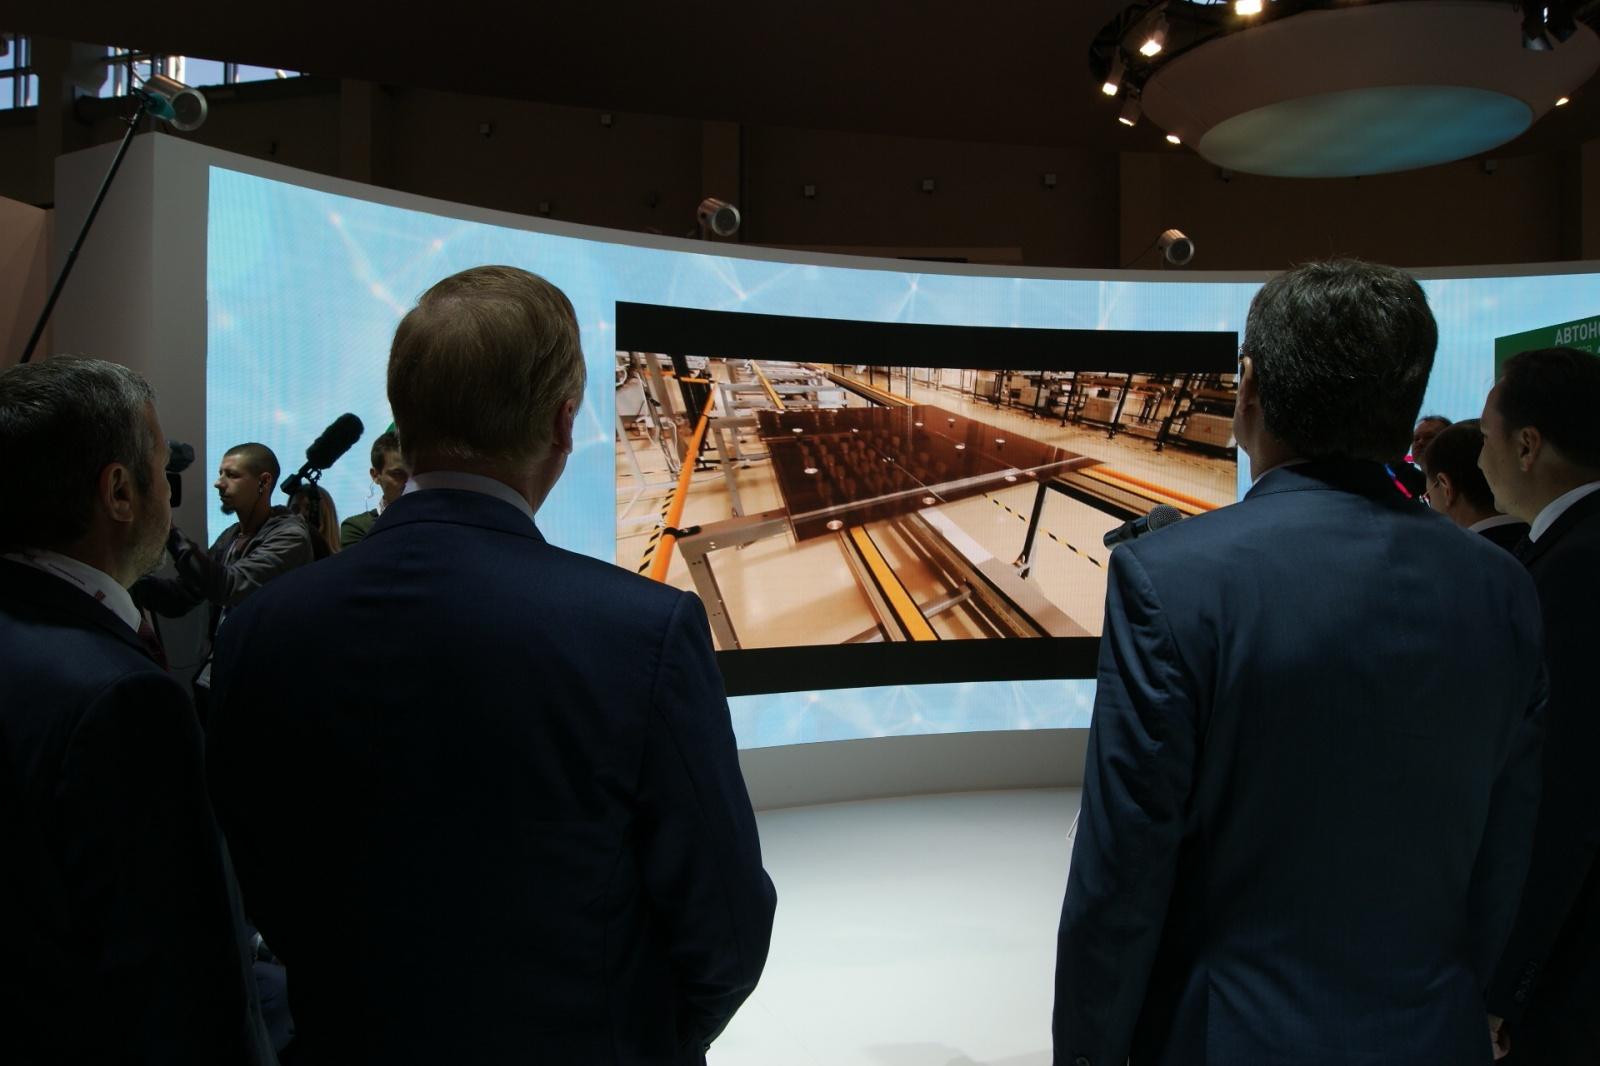 В Башкортостане запустили первую очередь крупнейшей в России солнечной электростанции мощностью 20 МВт - 3